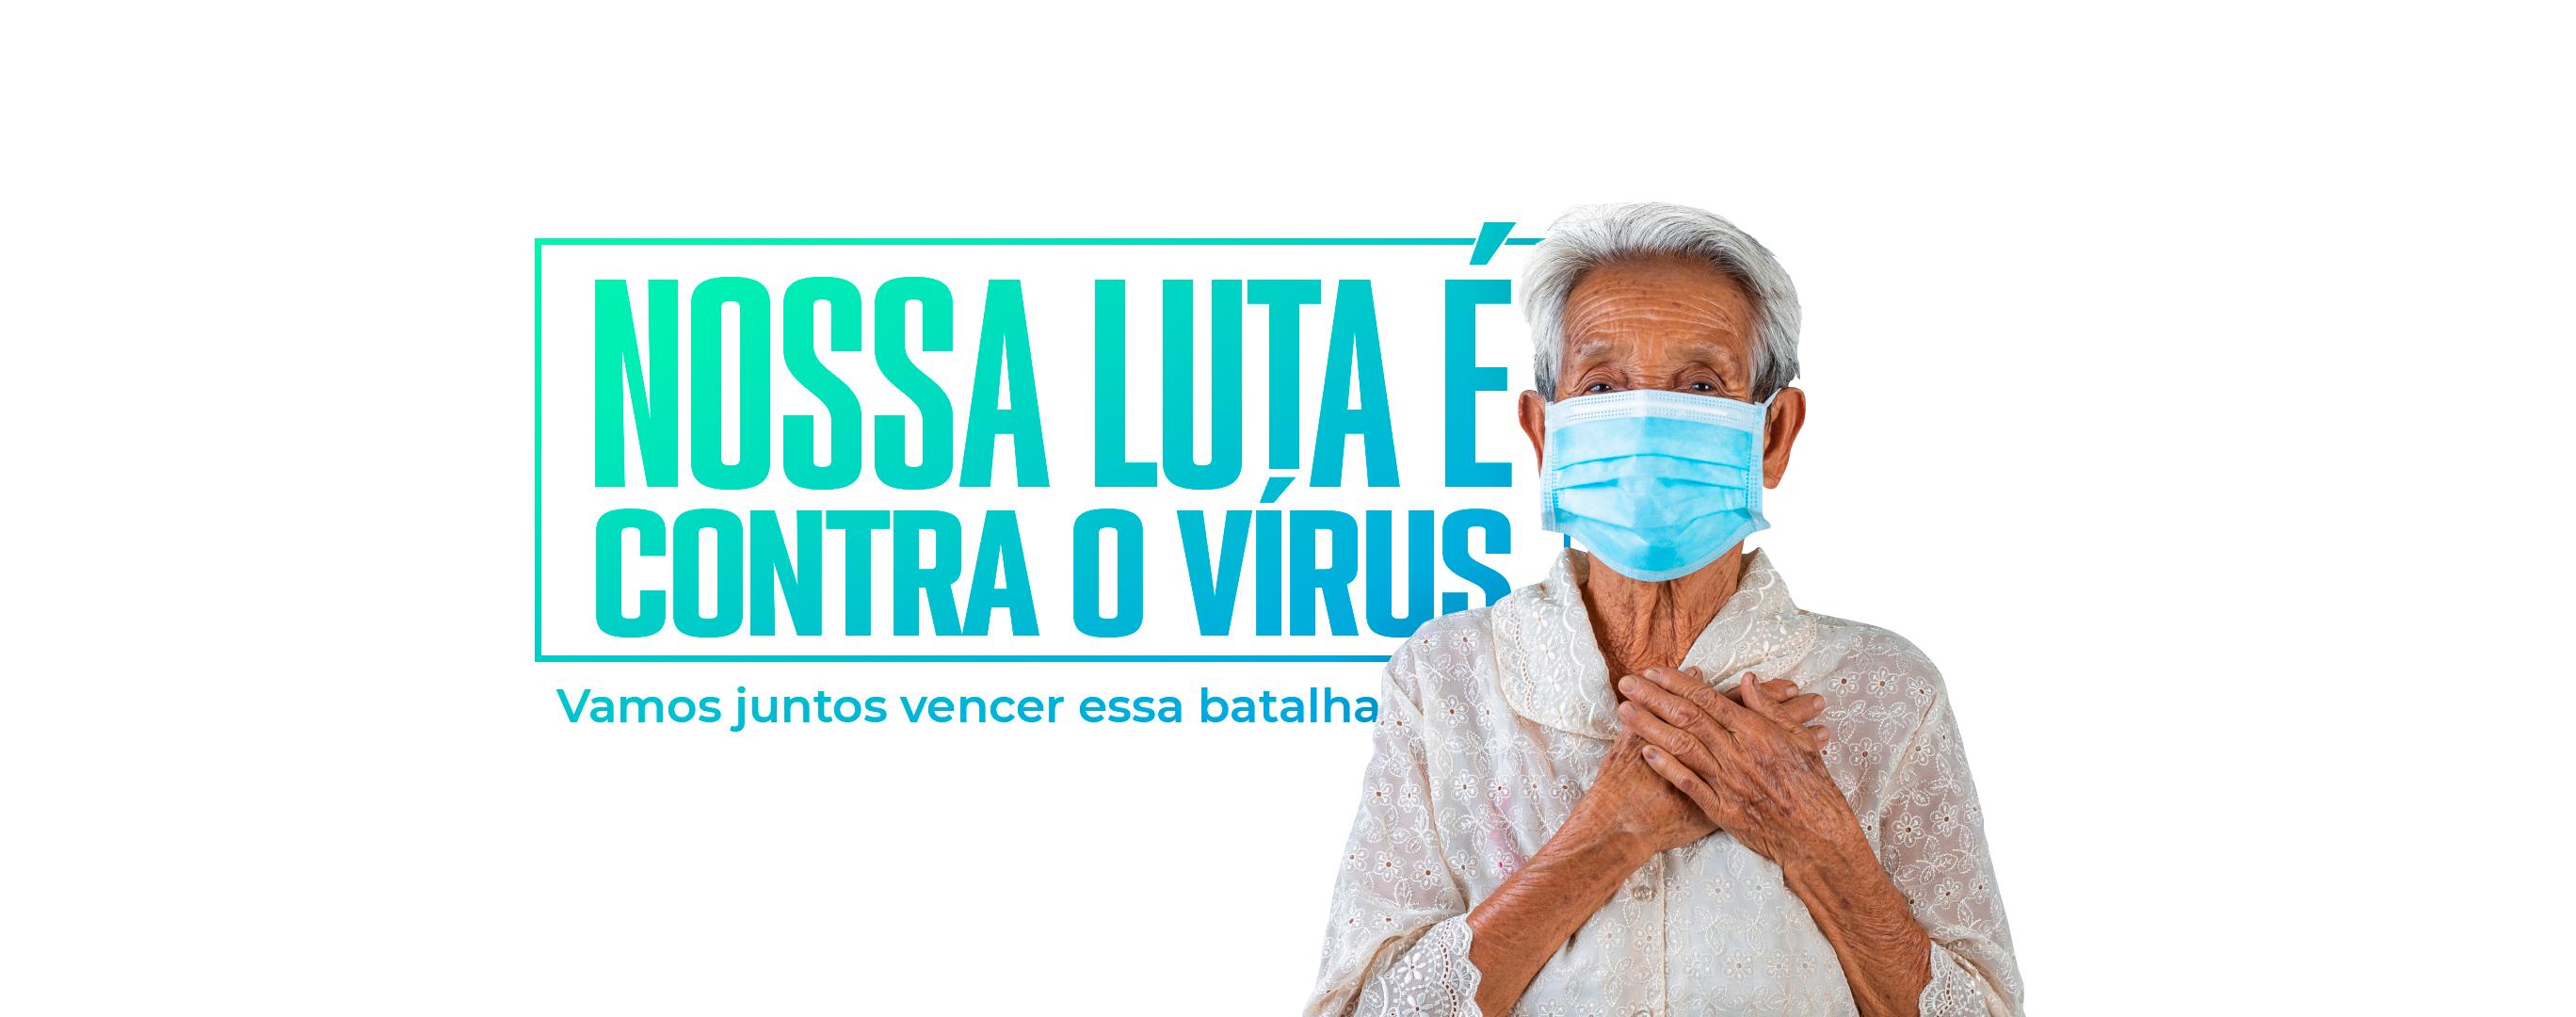 Nossa luta é contra o vírus